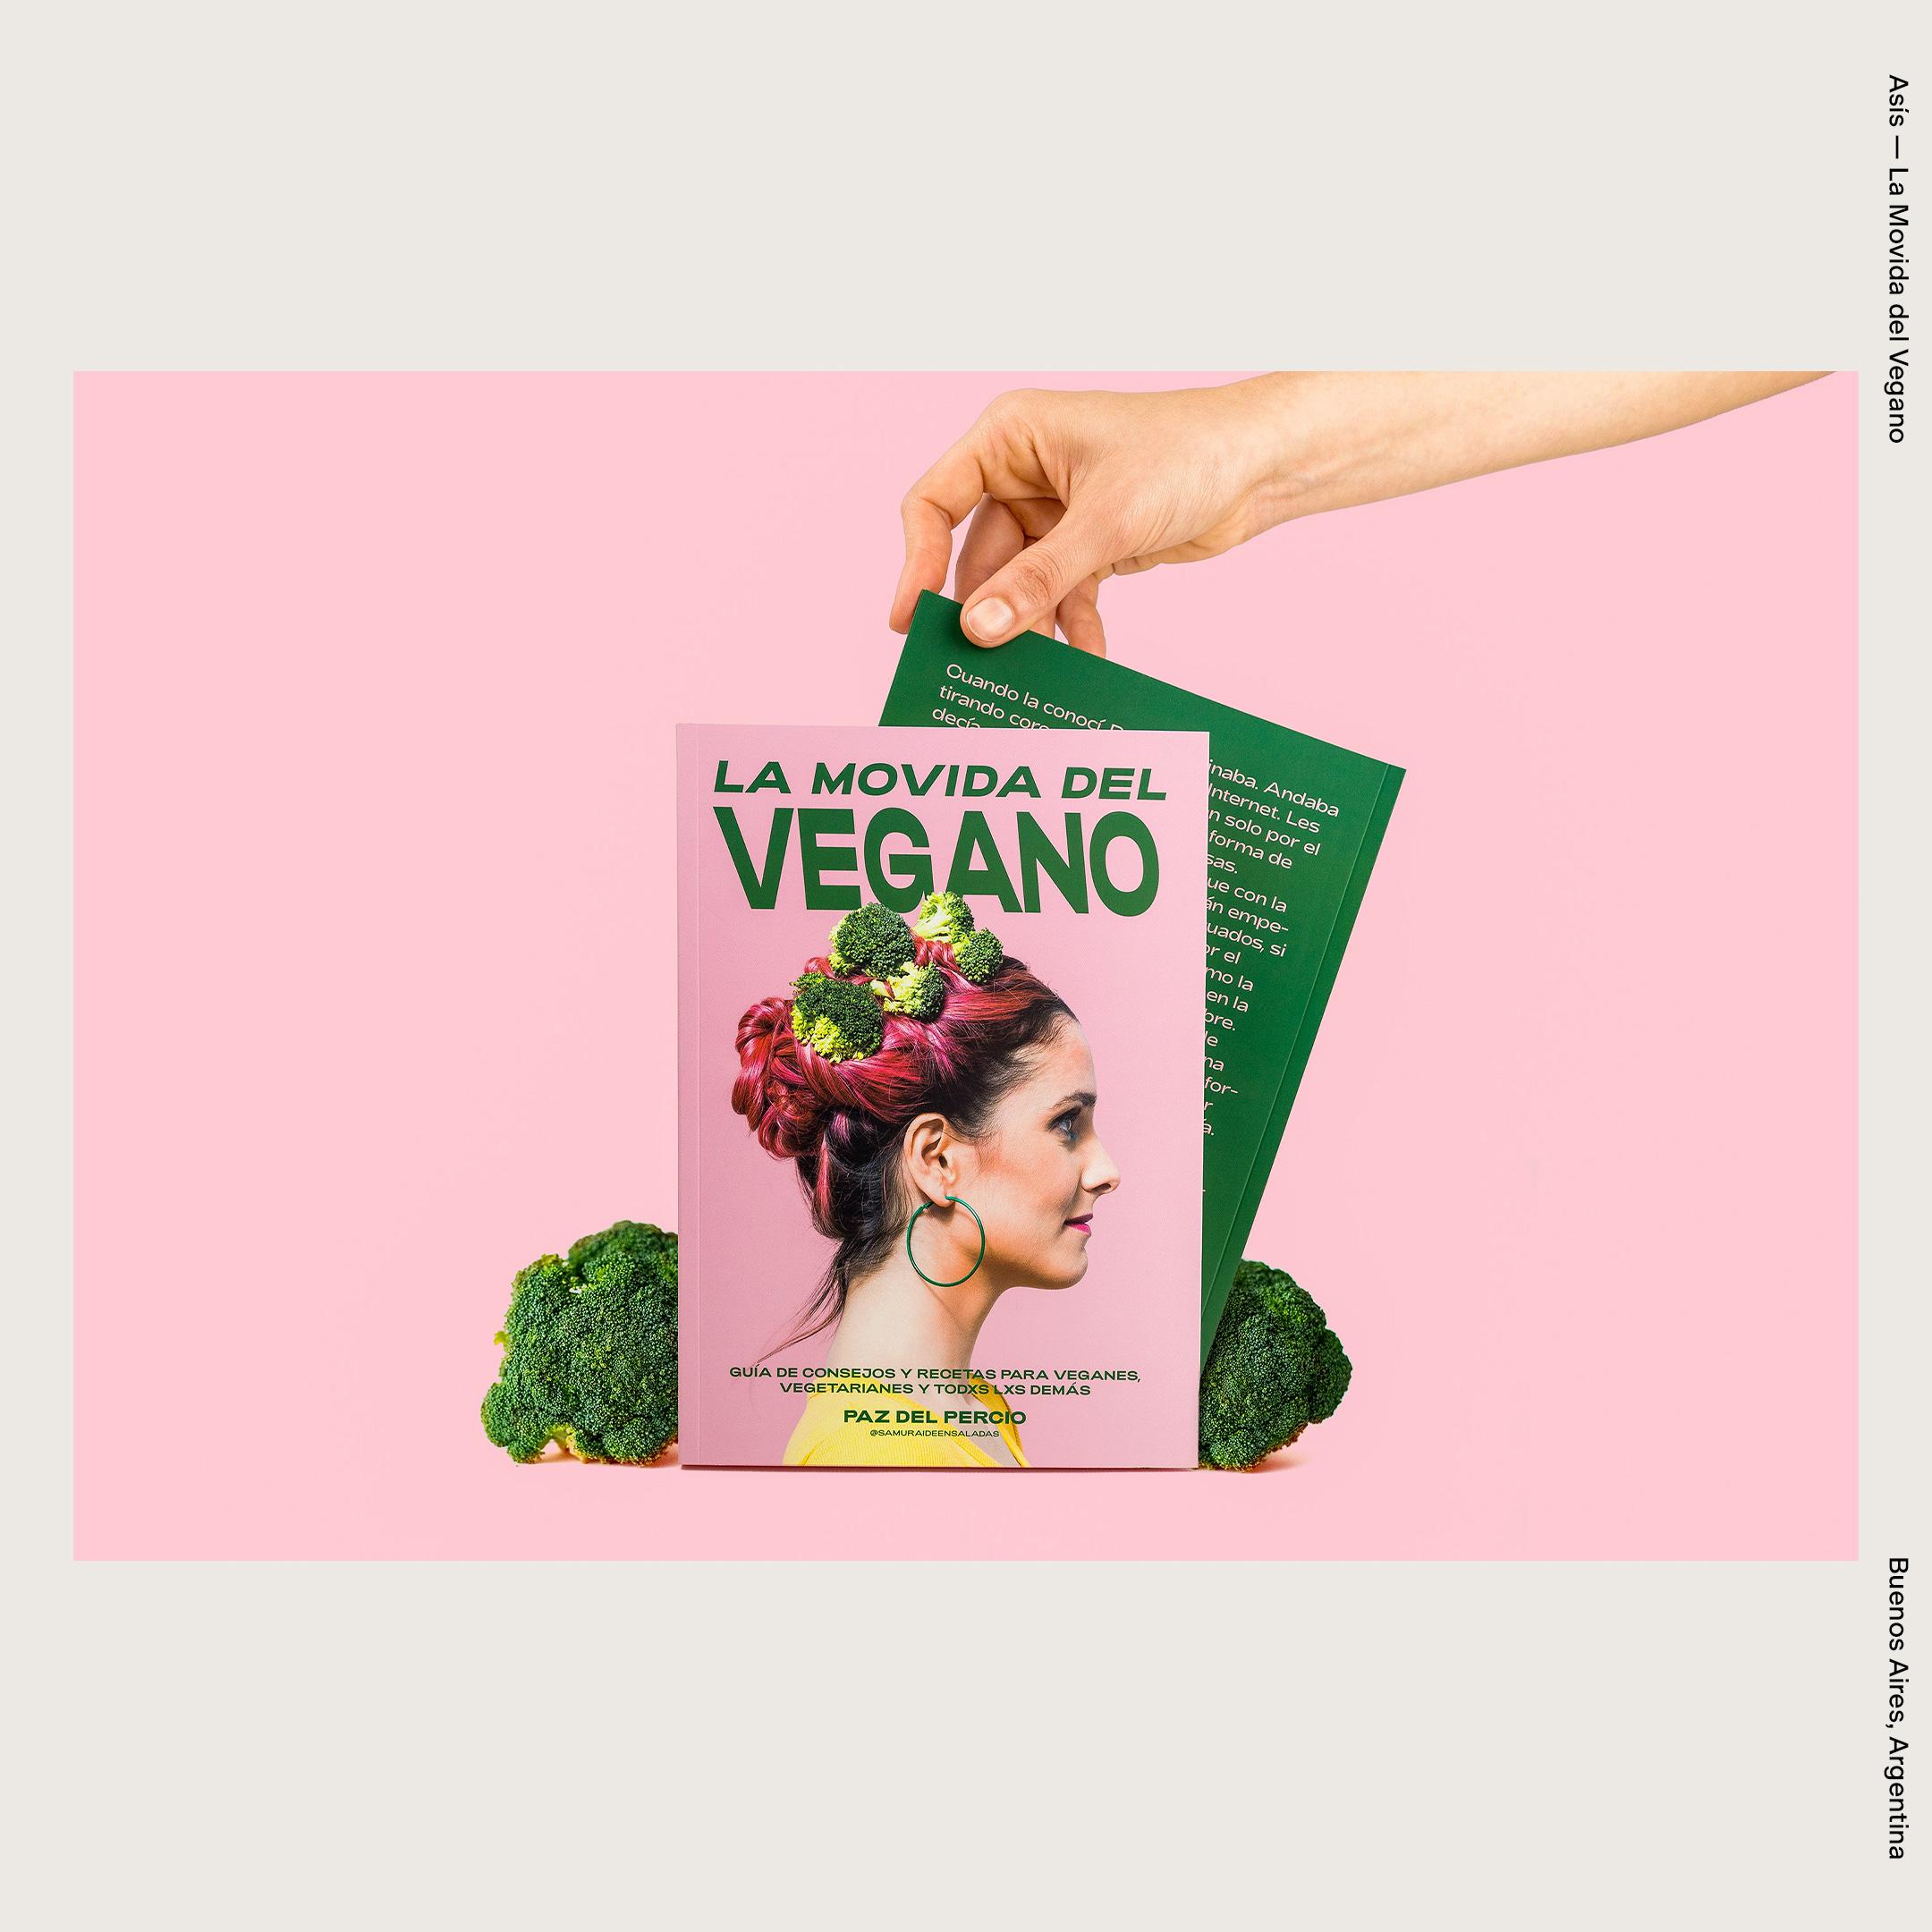 Asís — La Movida del Vegano